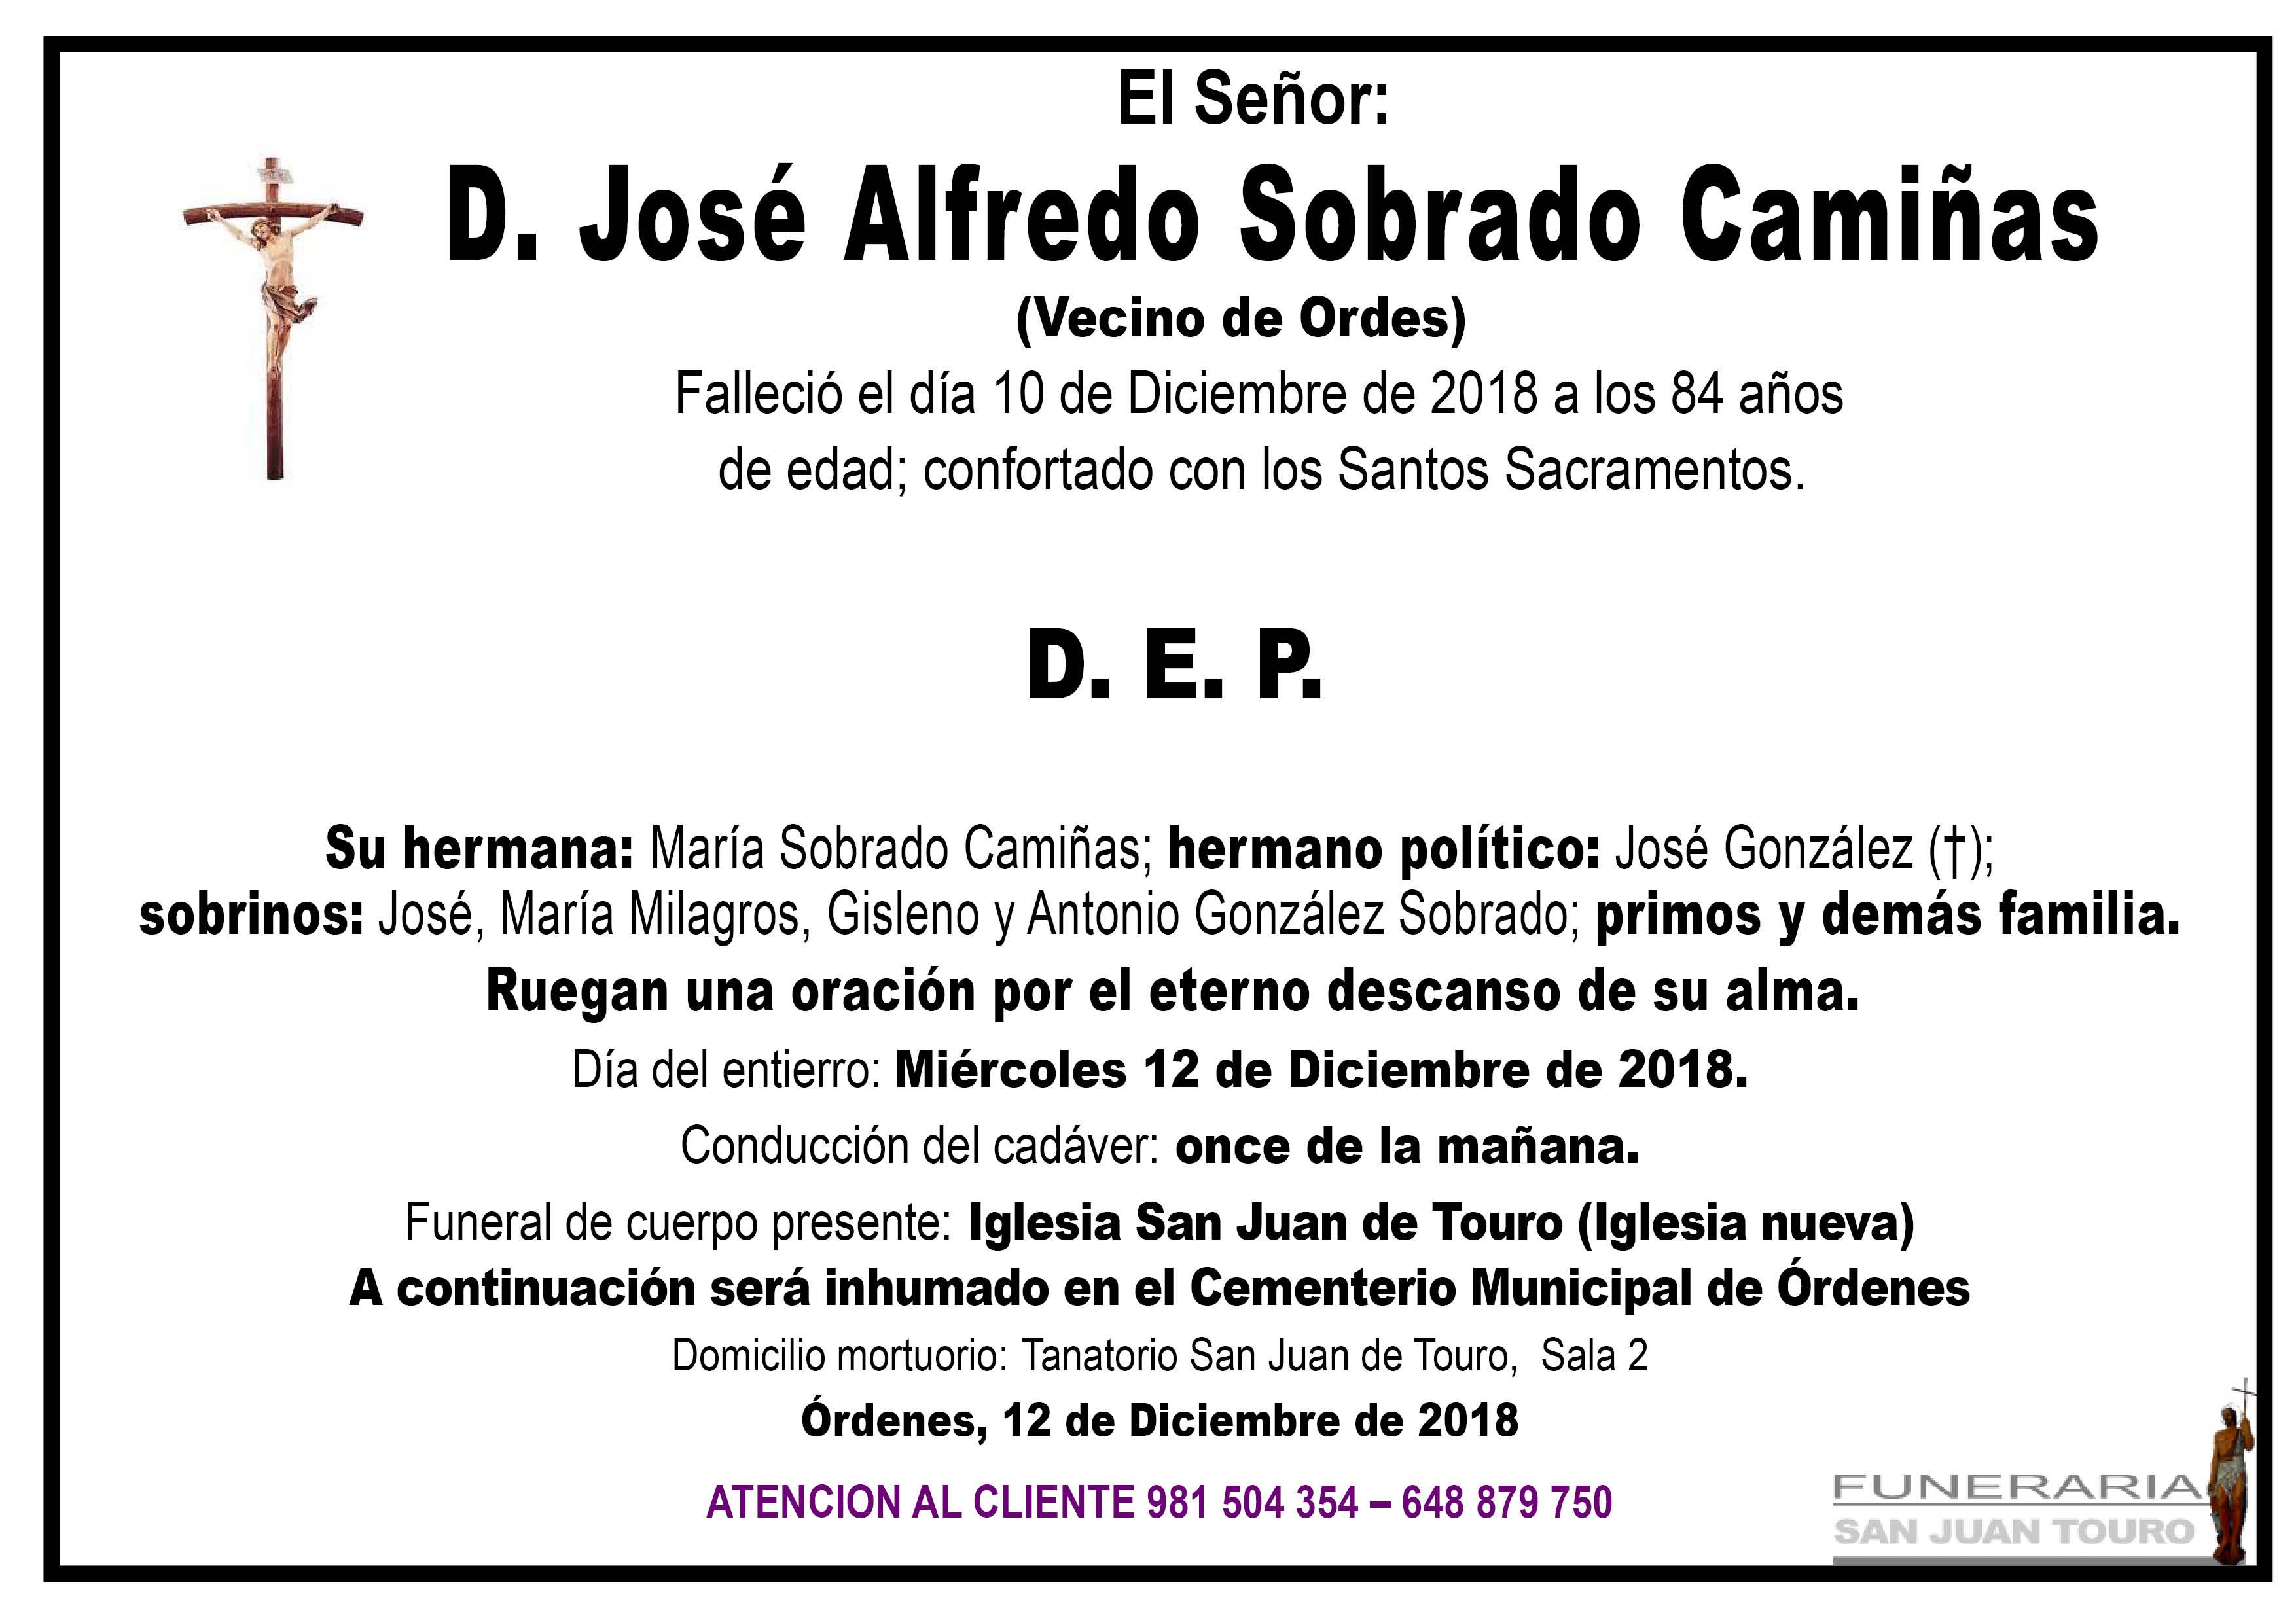 Esquela de SEPELIO DE D. JOSÉ ALFREDO SOBRADO CAMIÑAS